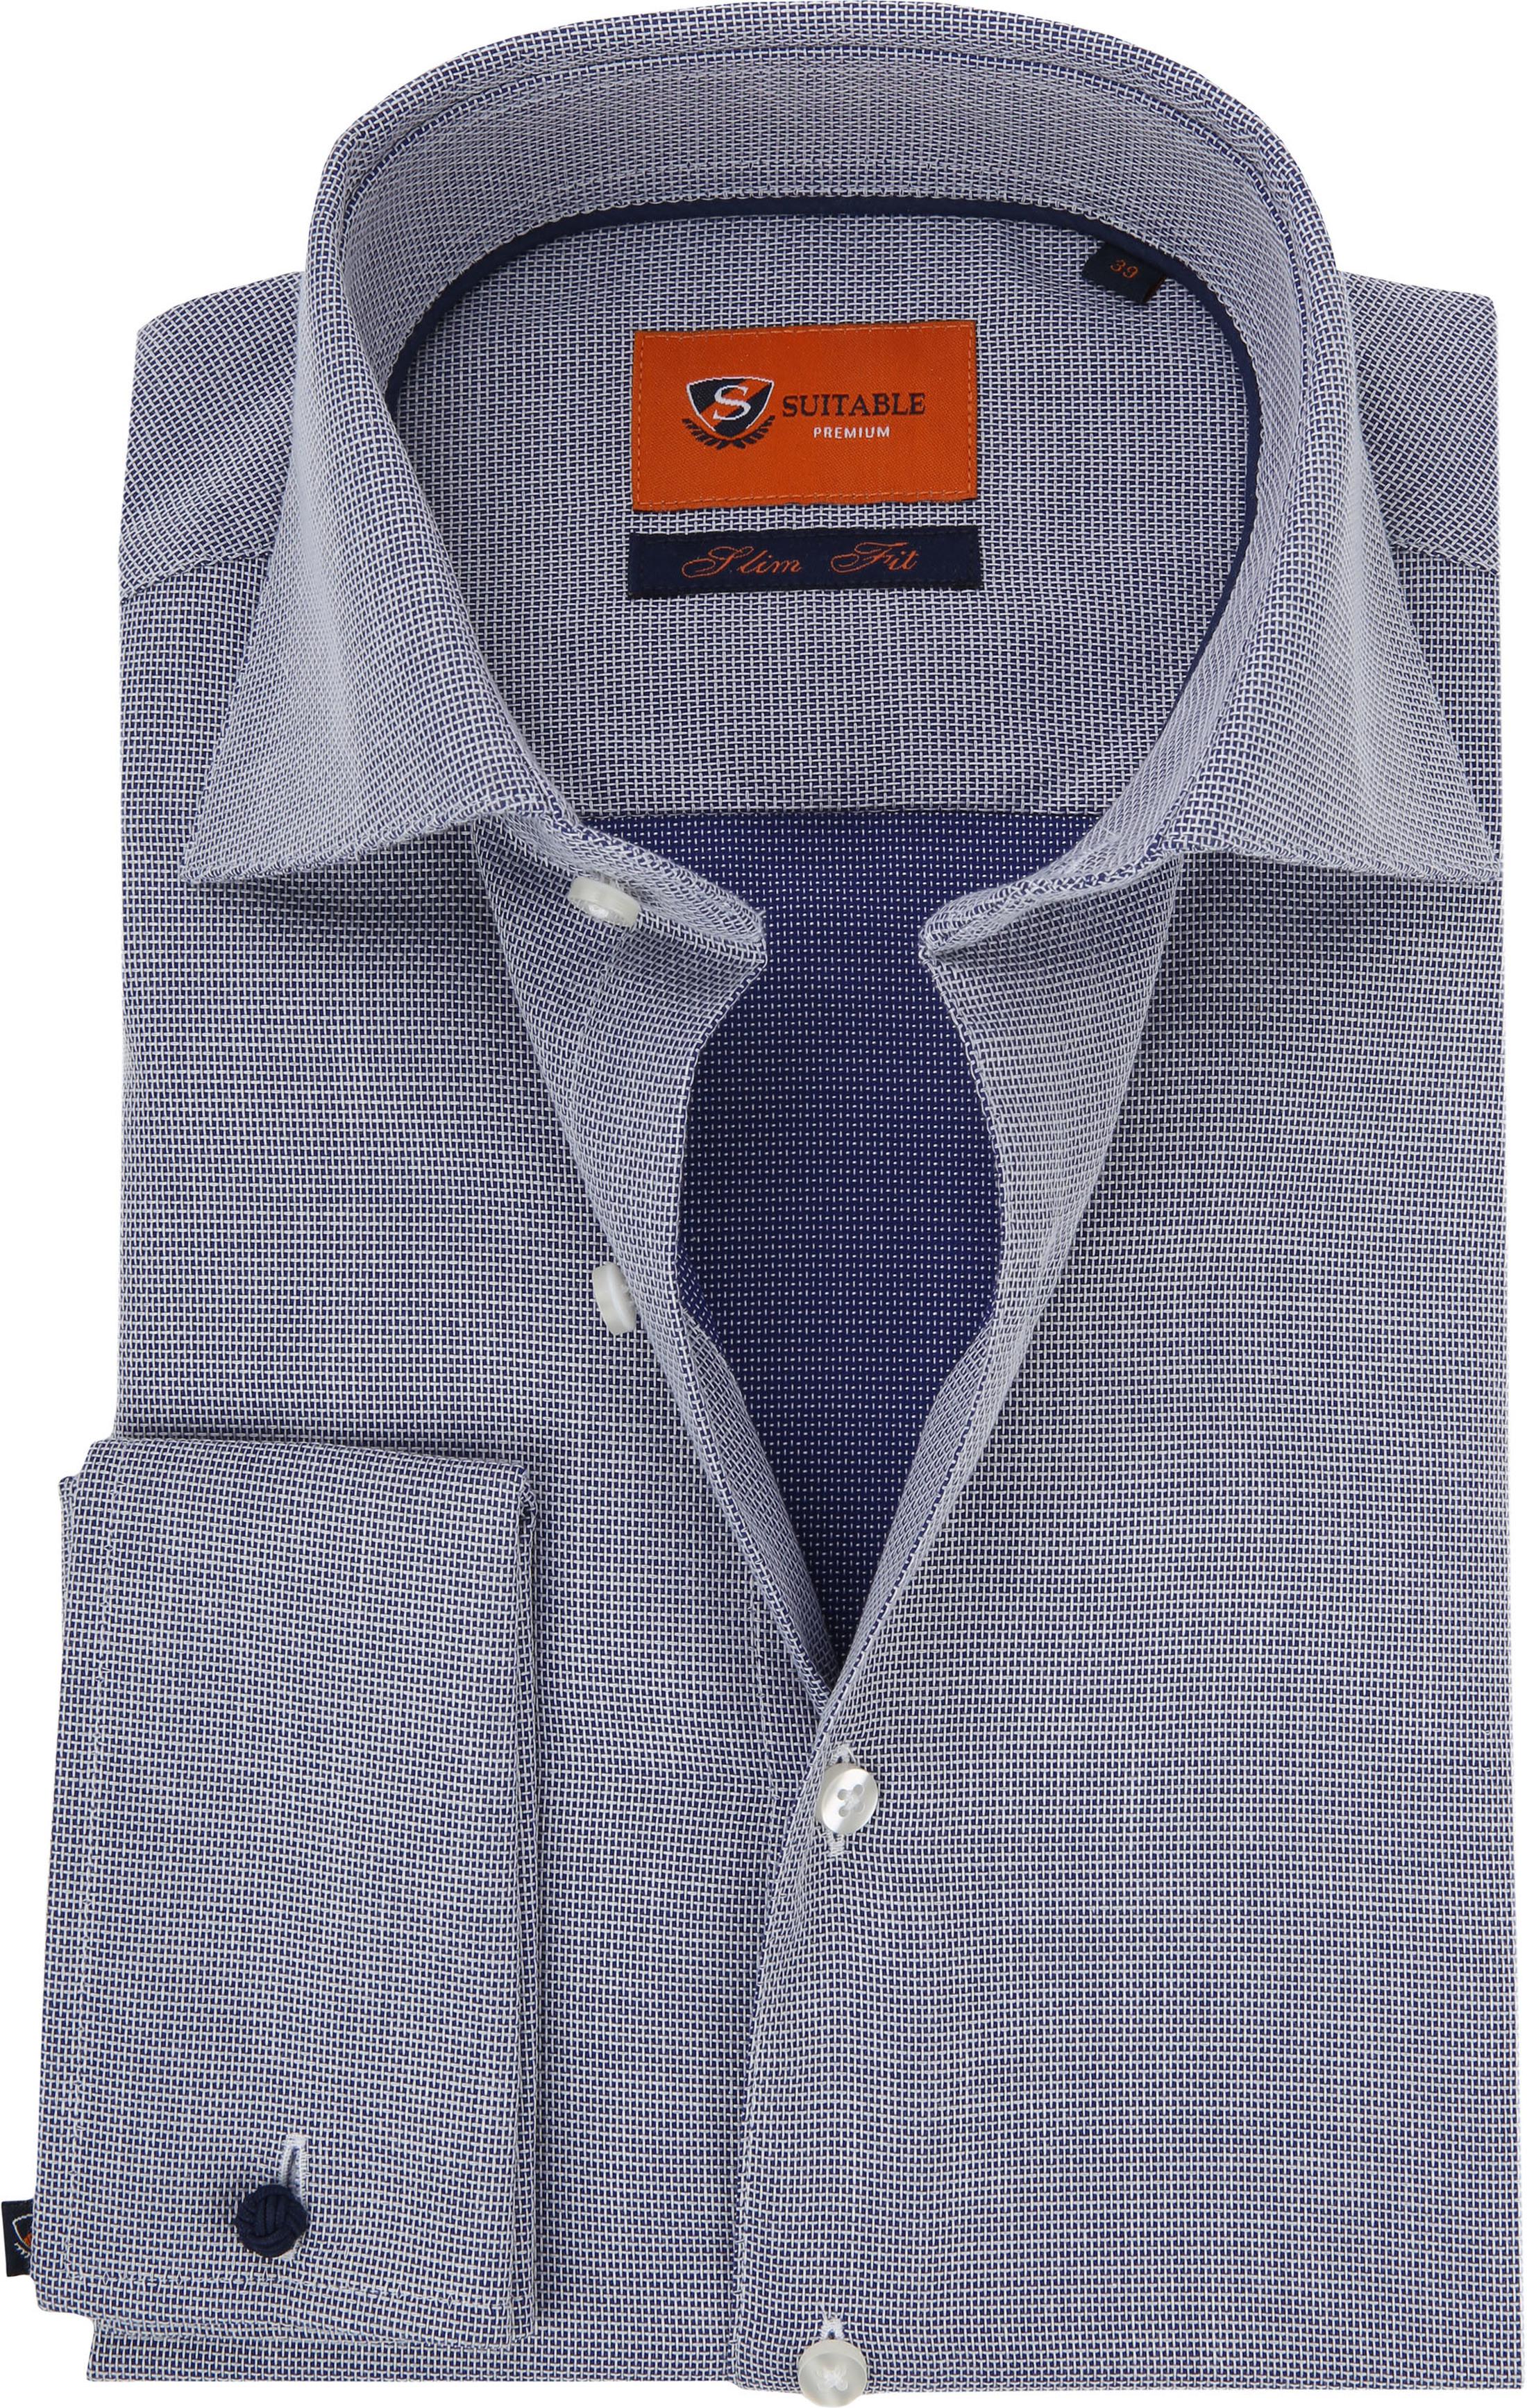 Doppel Cuff Hemd Blau Kariert 52-22 foto 0